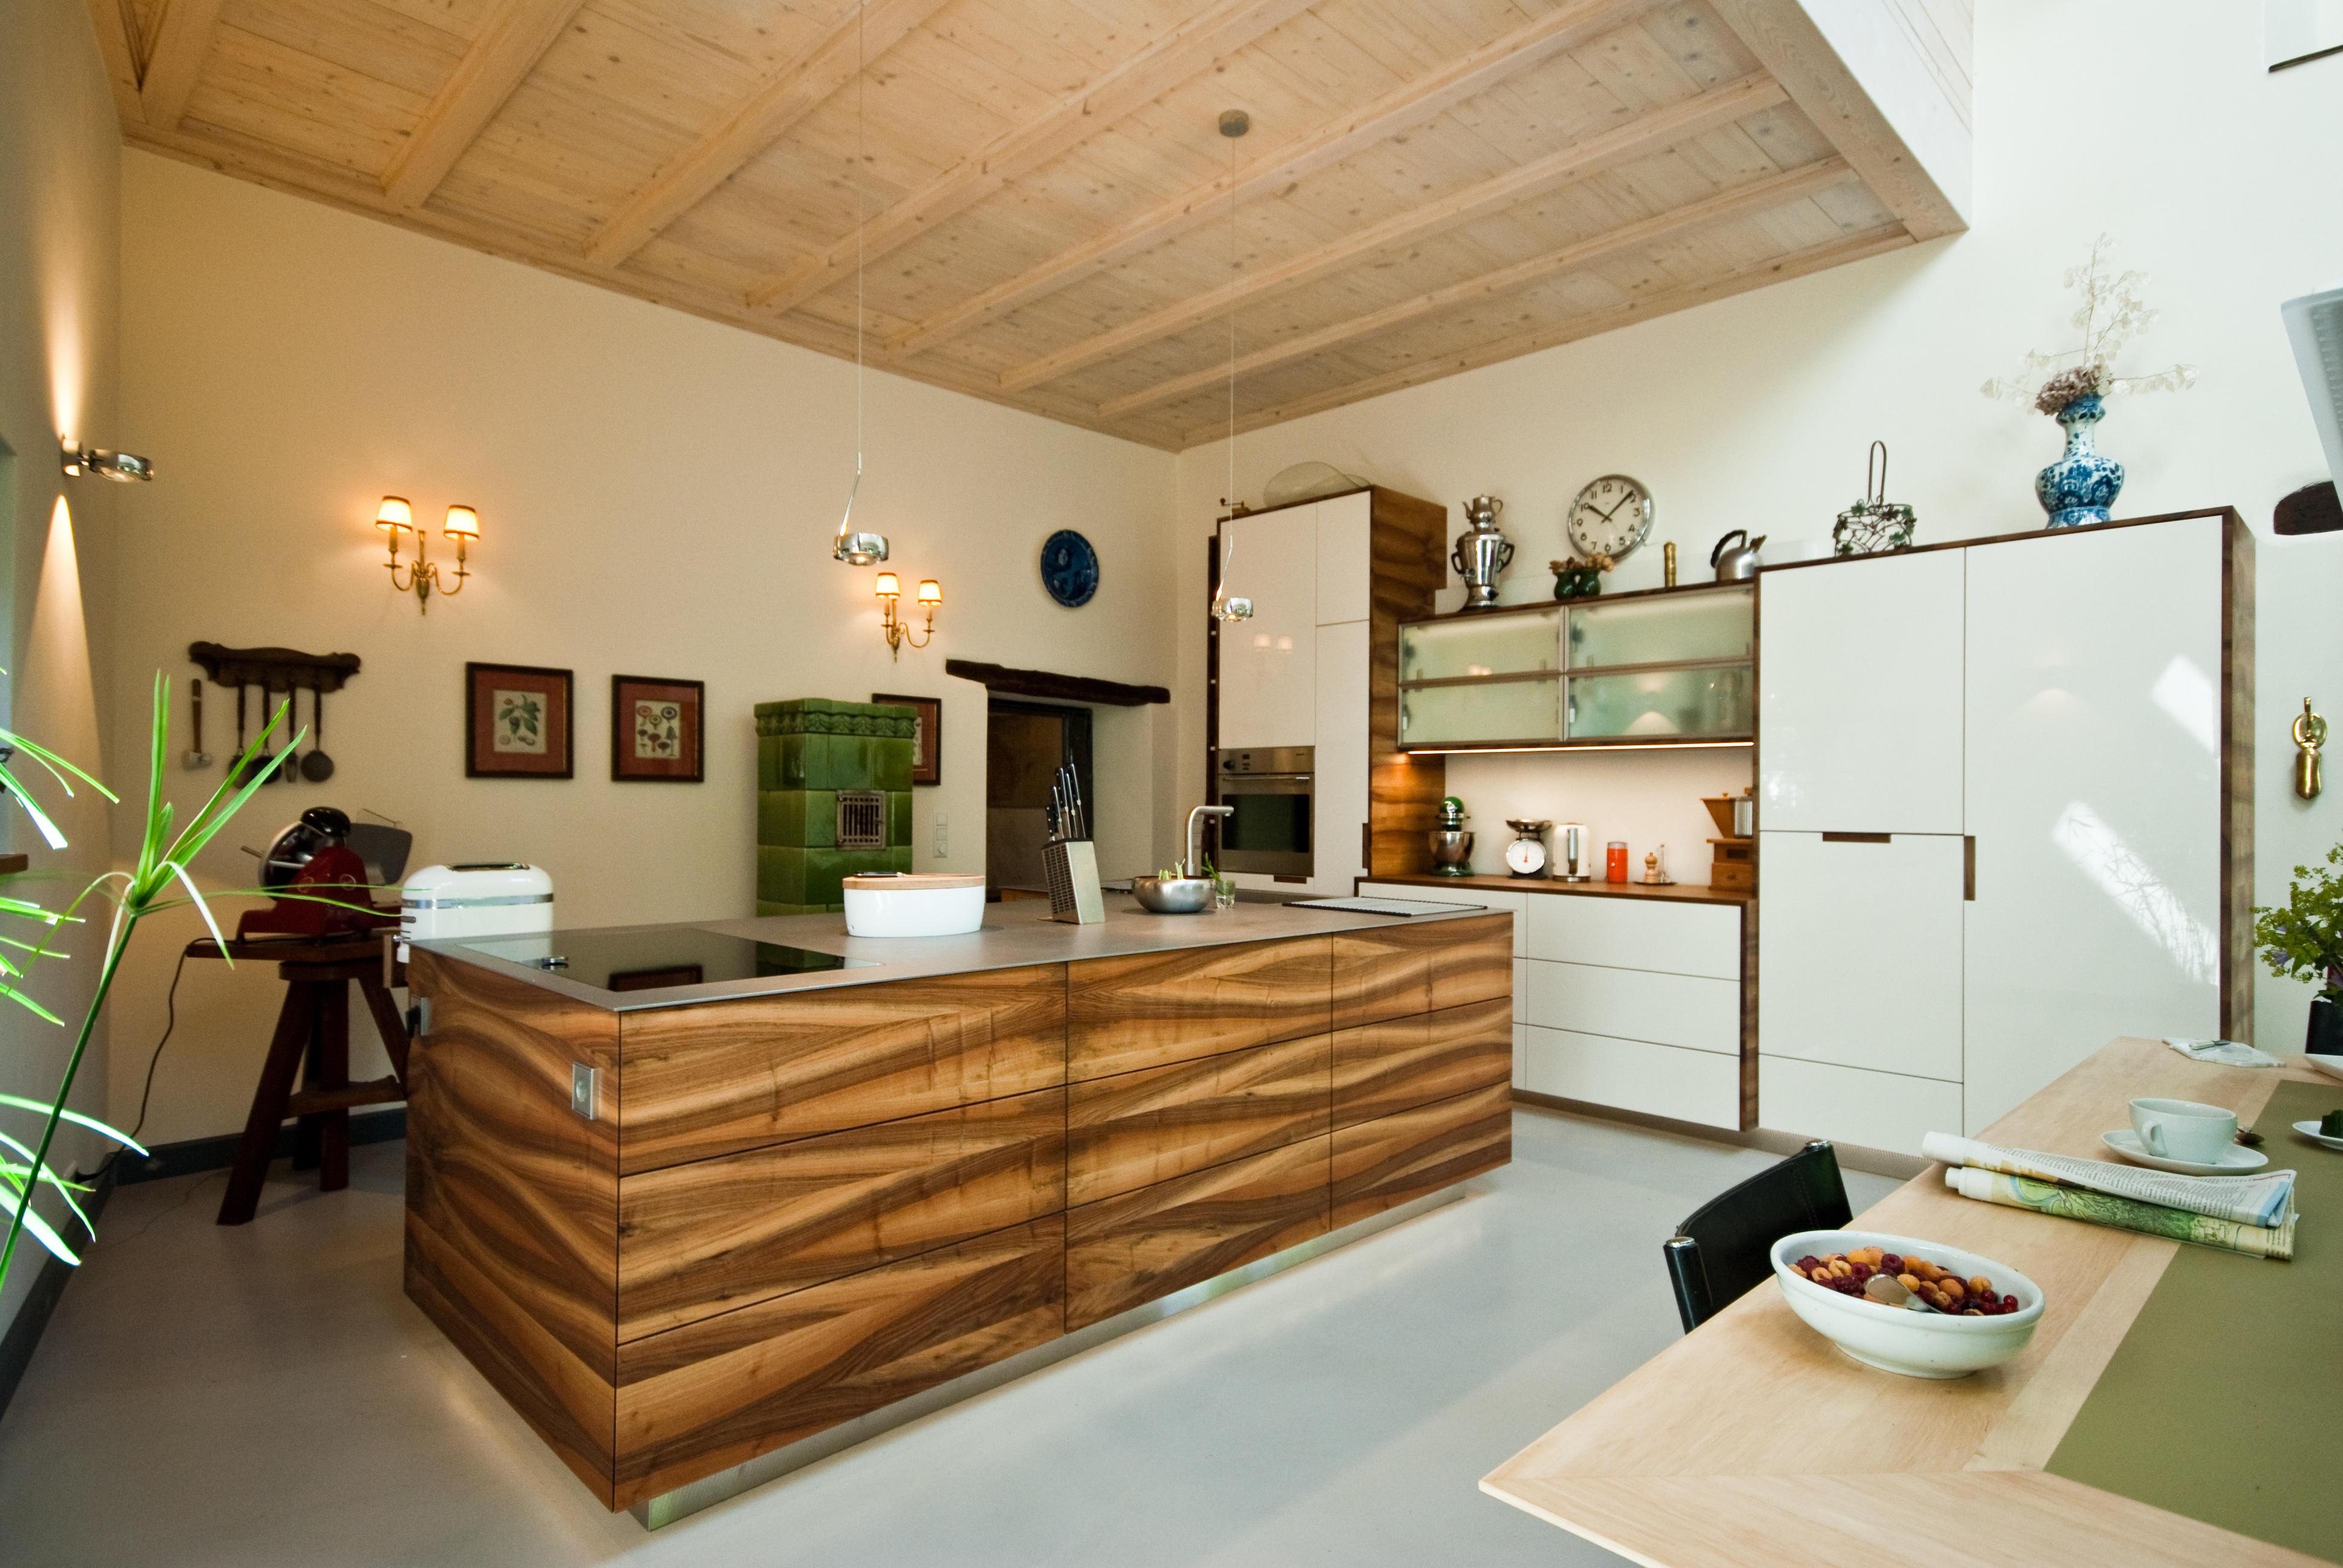 Möbel Grossa Bad Nenndorf öffnungszeiten Badezimmer Vom Tischler